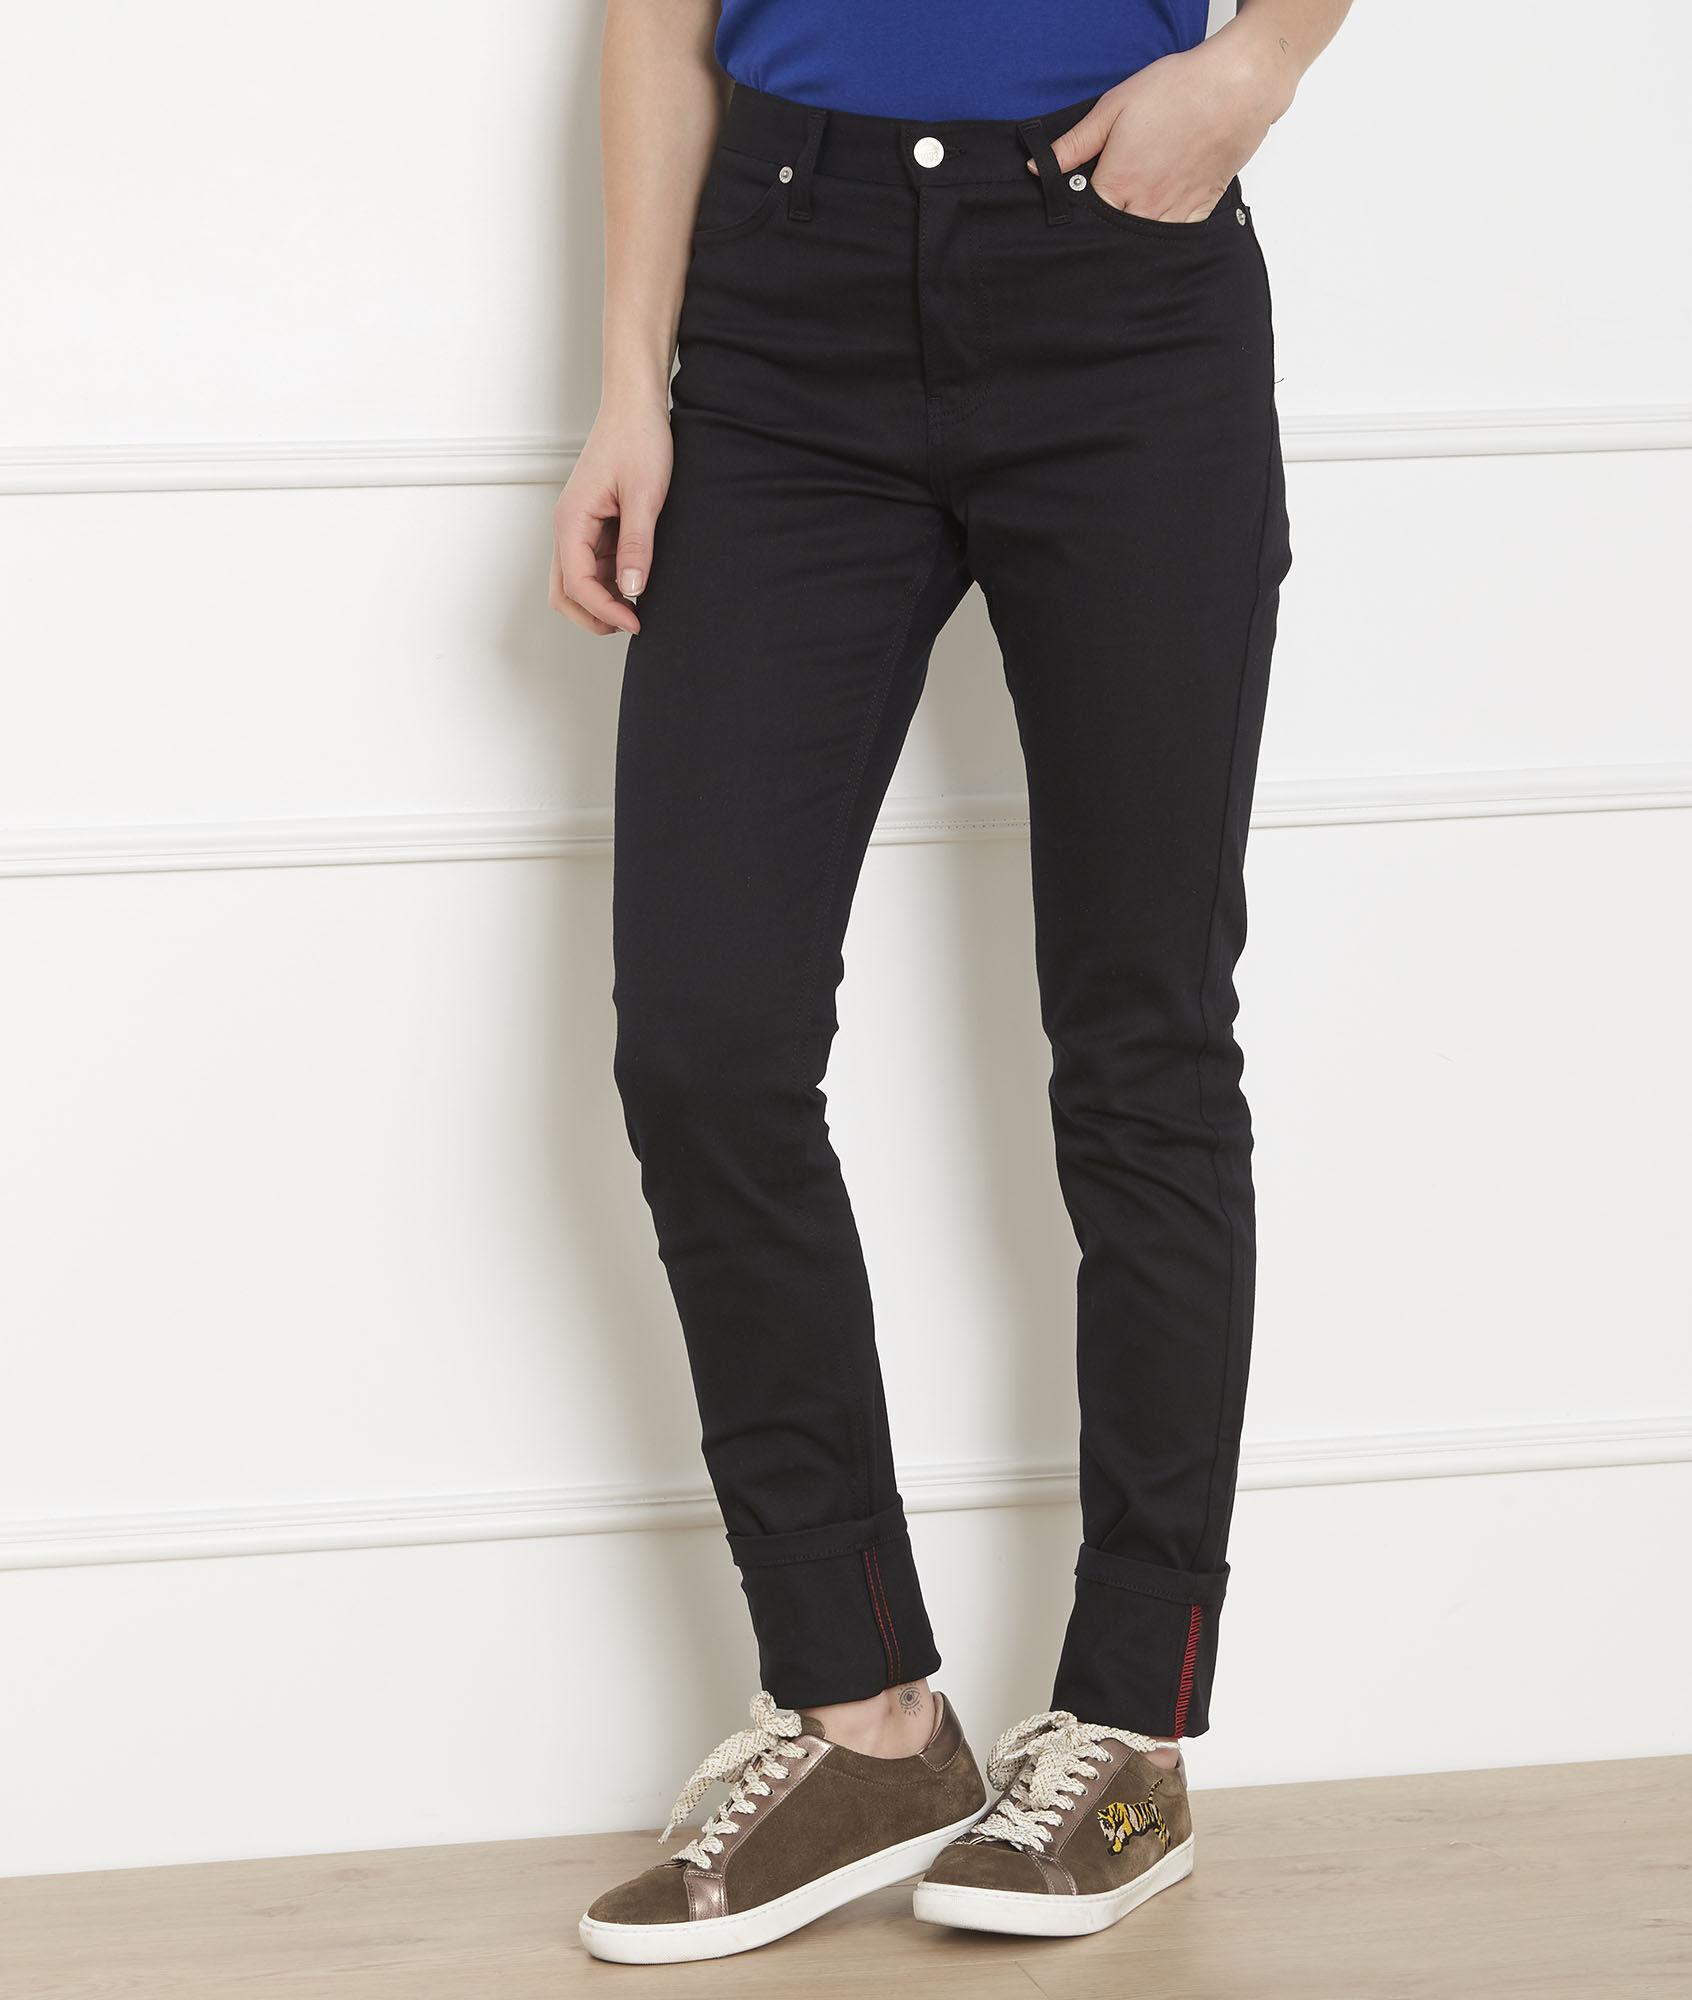 Schwarze Jeans in Slim Passform mit Aufschlag, Cathy